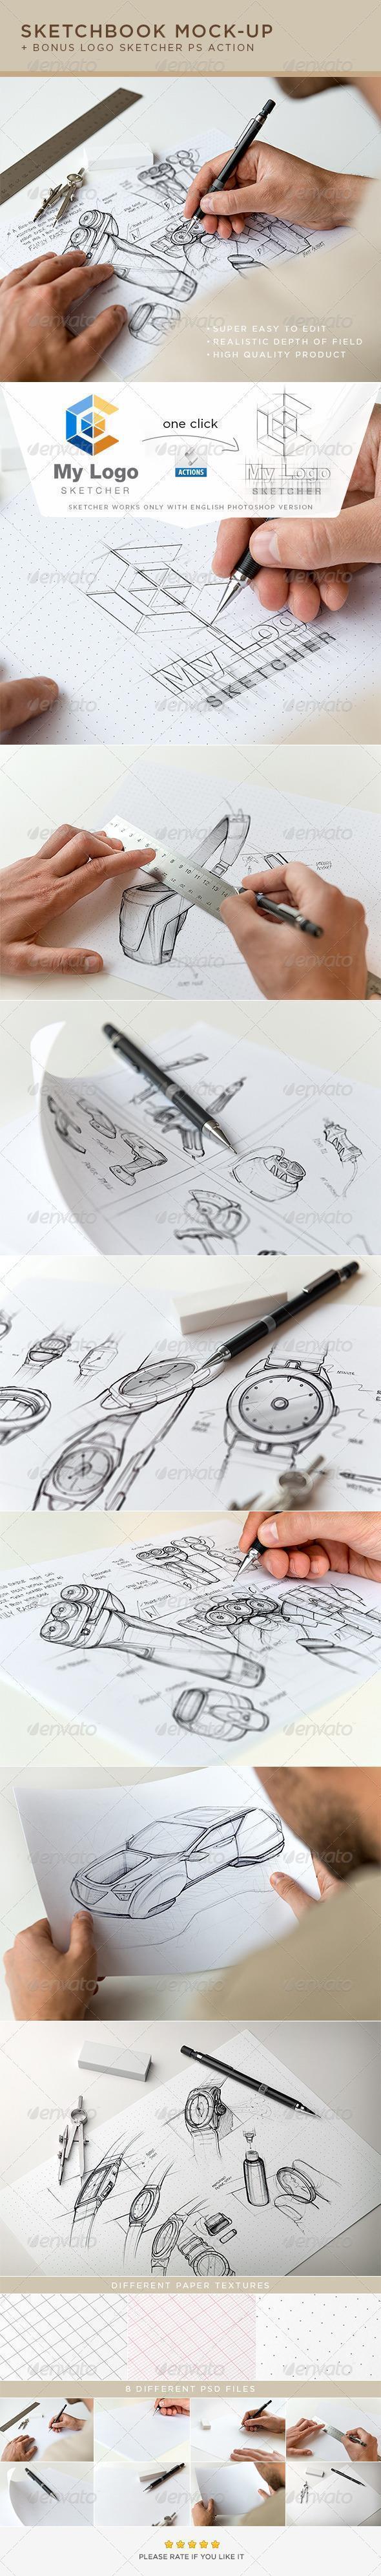 Architect and Designer Sketch Mockups